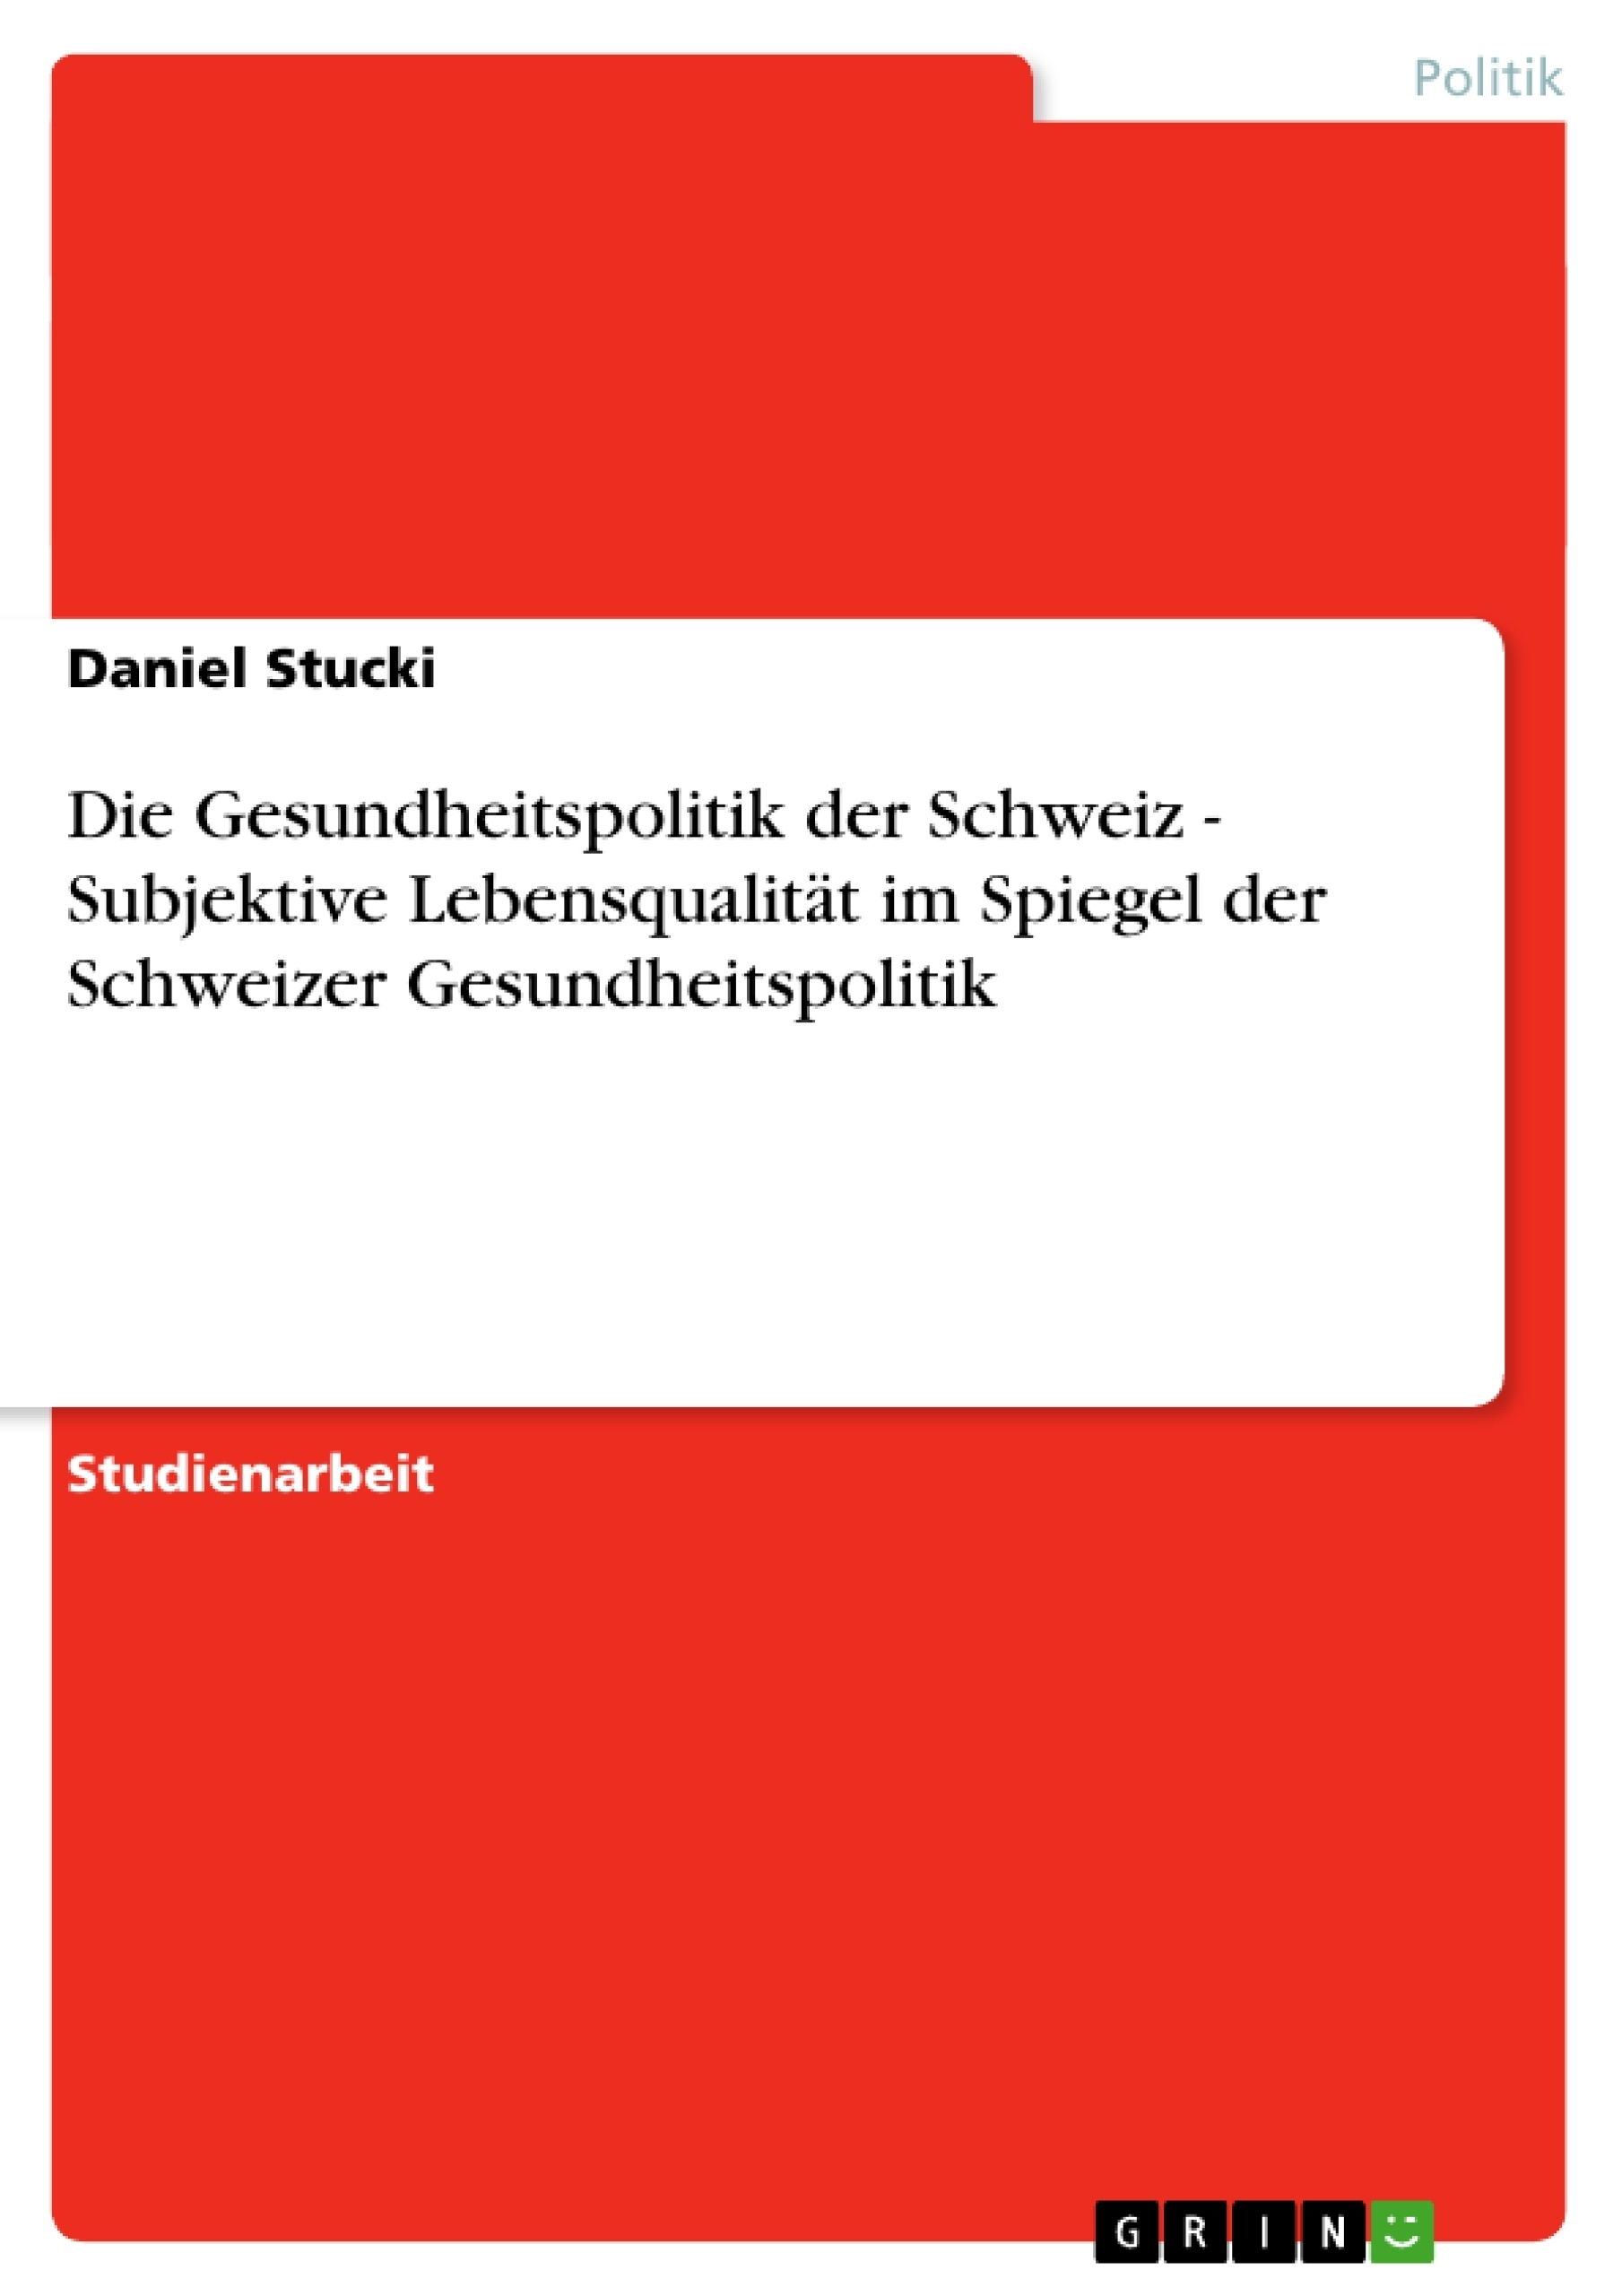 Titel: Die Gesundheitspolitik der Schweiz - Subjektive Lebensqualität im Spiegel  der Schweizer Gesundheitspolitik